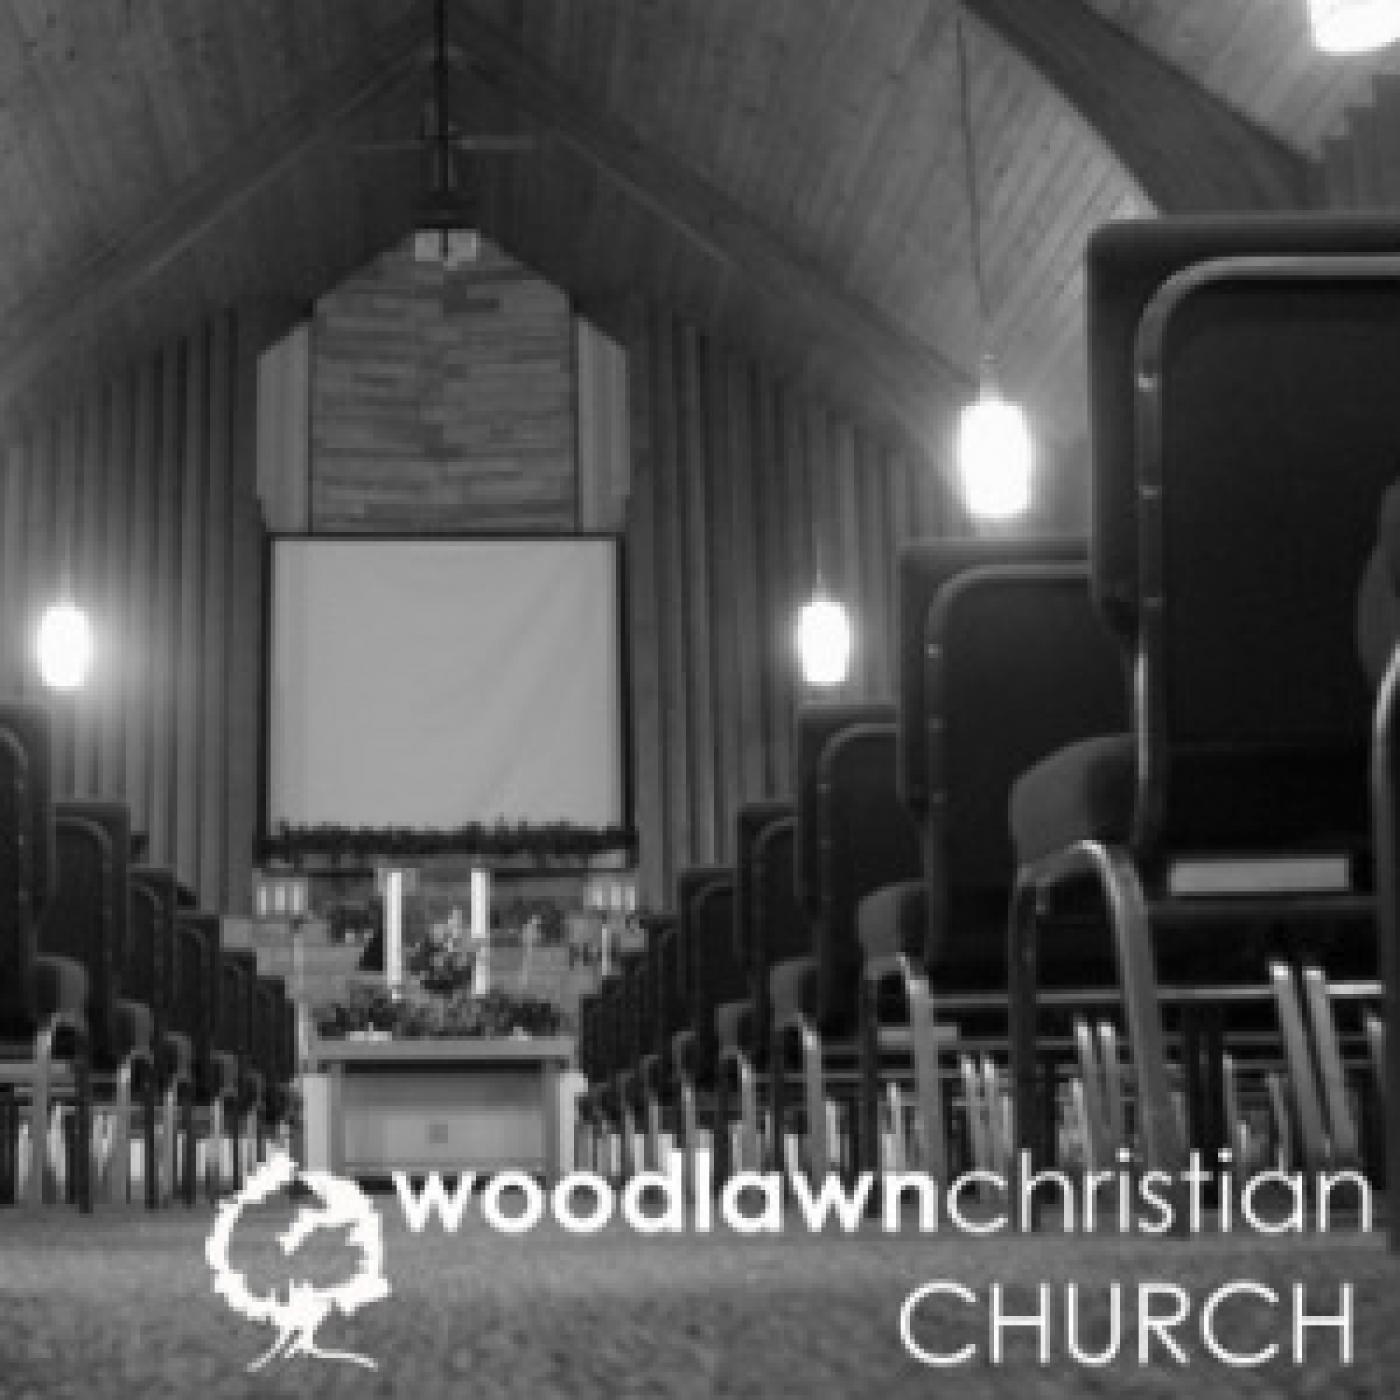 Woodlawn Christian Church